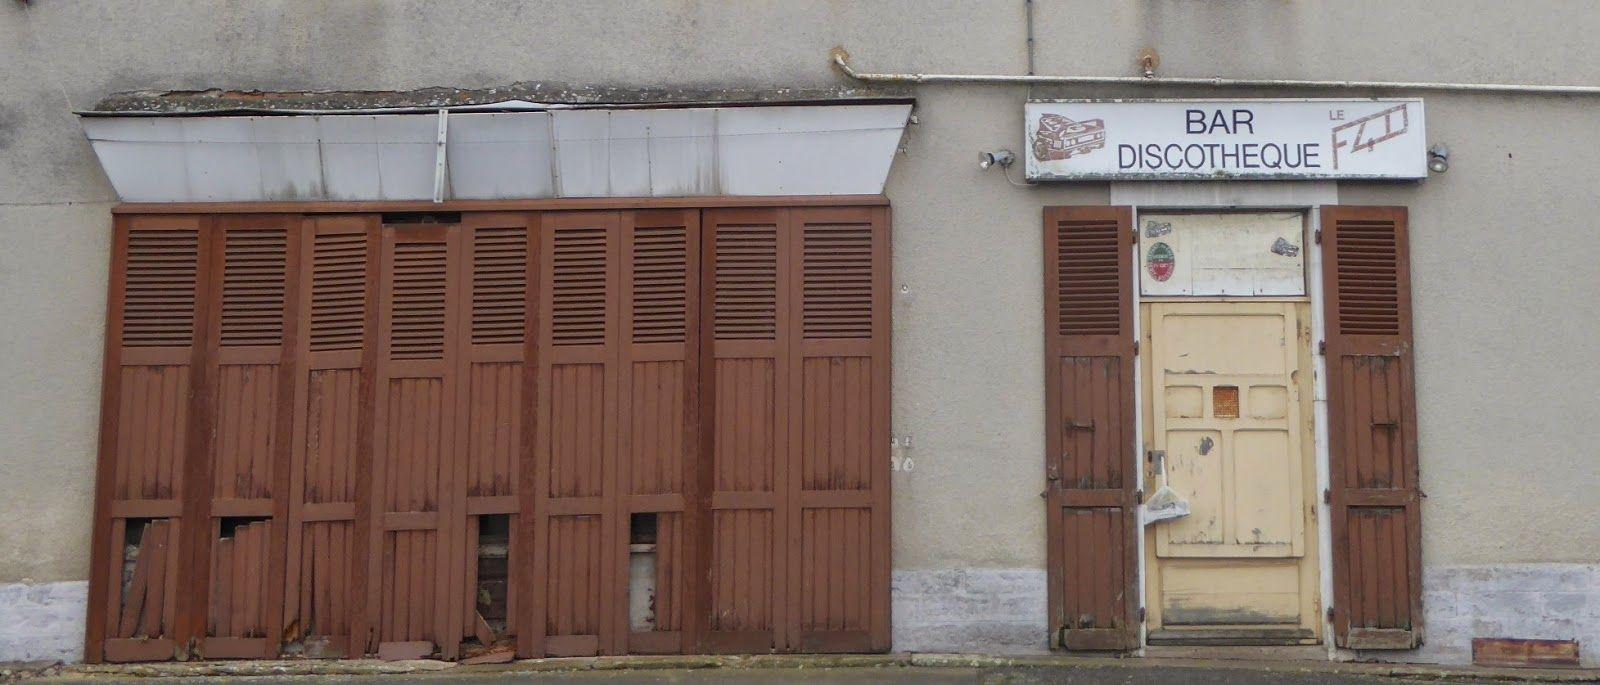 Des signes sur les murs: commerces disparus